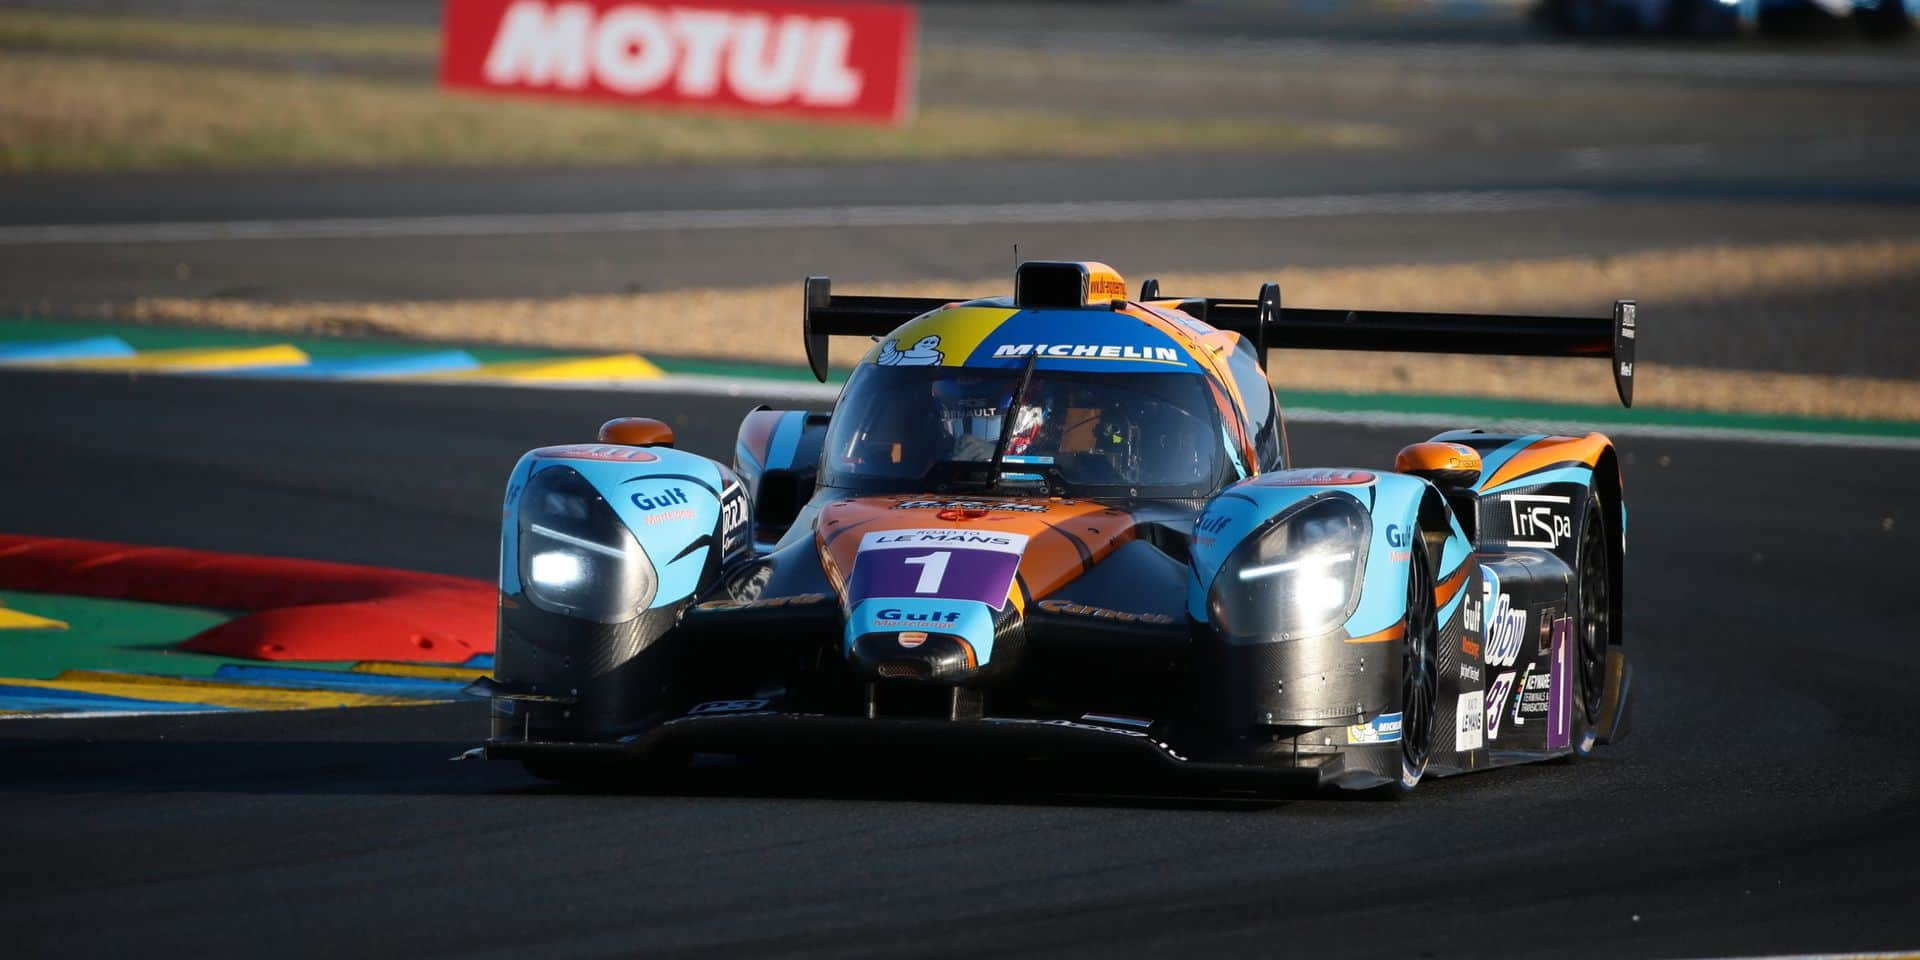 """Le week-end inoubliable d'Ugo de Wilde sur le circuit du Mans: """"Un souvenir pour la vie"""""""